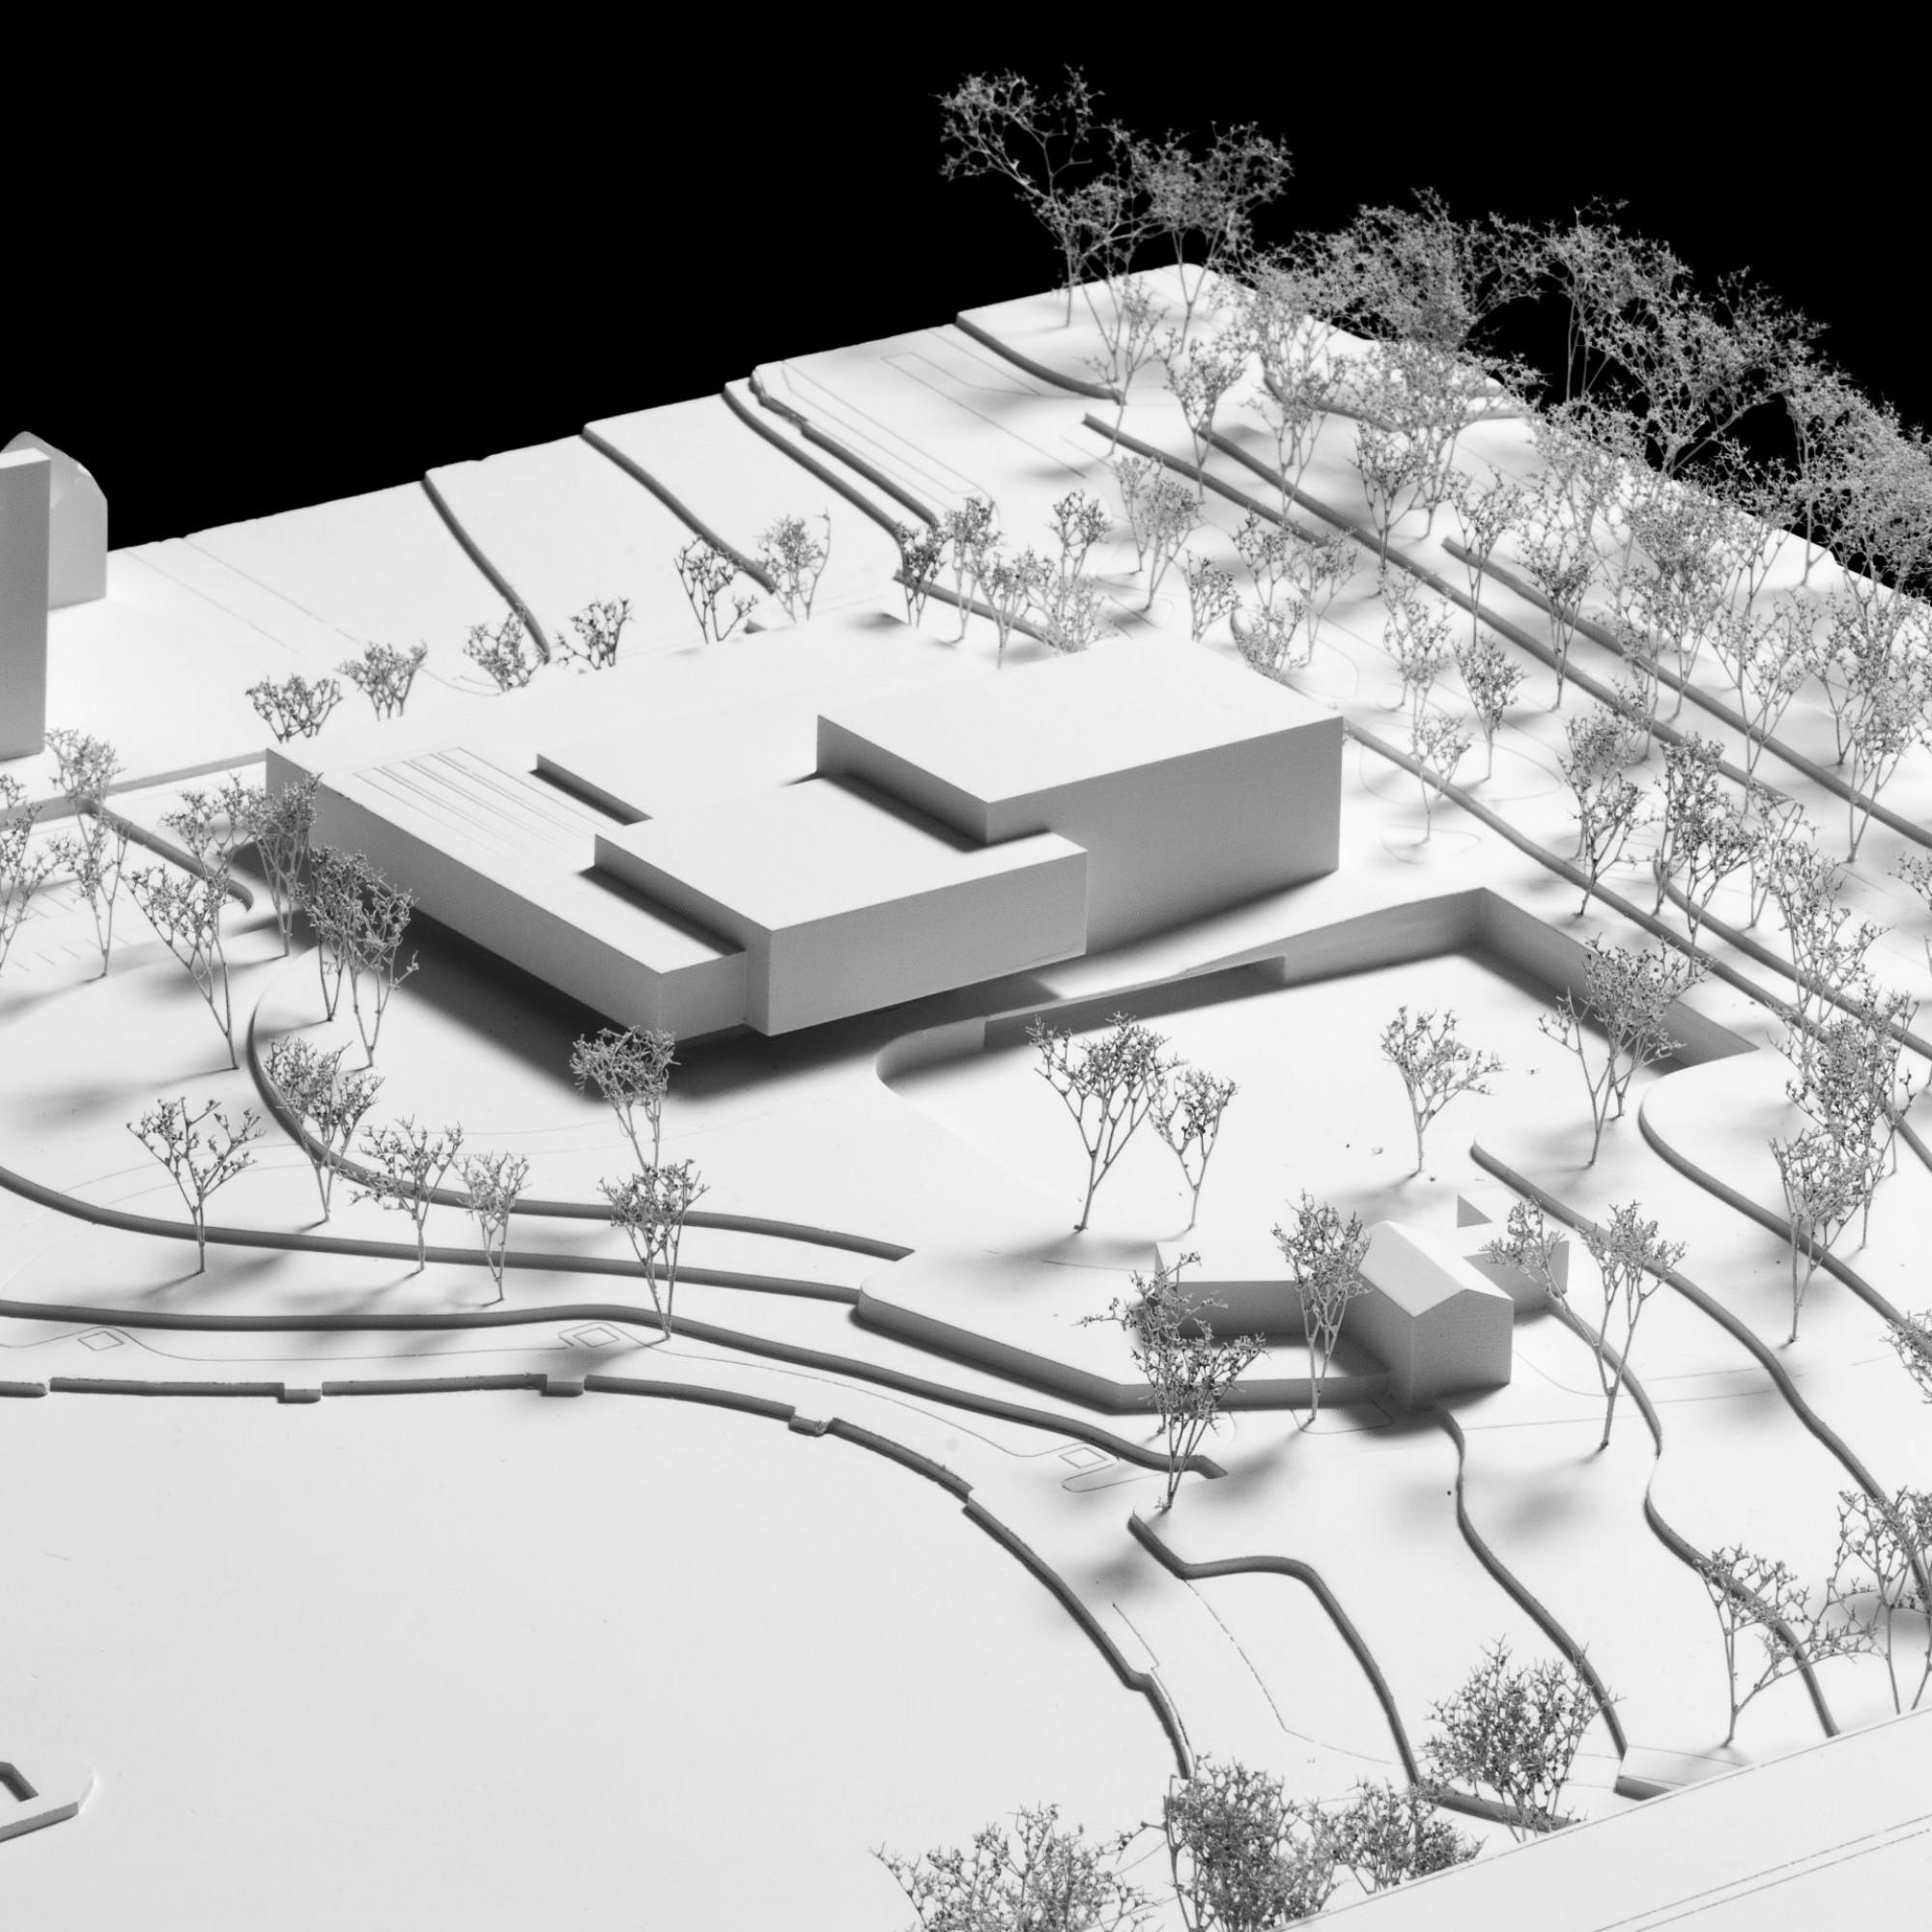 Modell Siegerprojekt Central Park